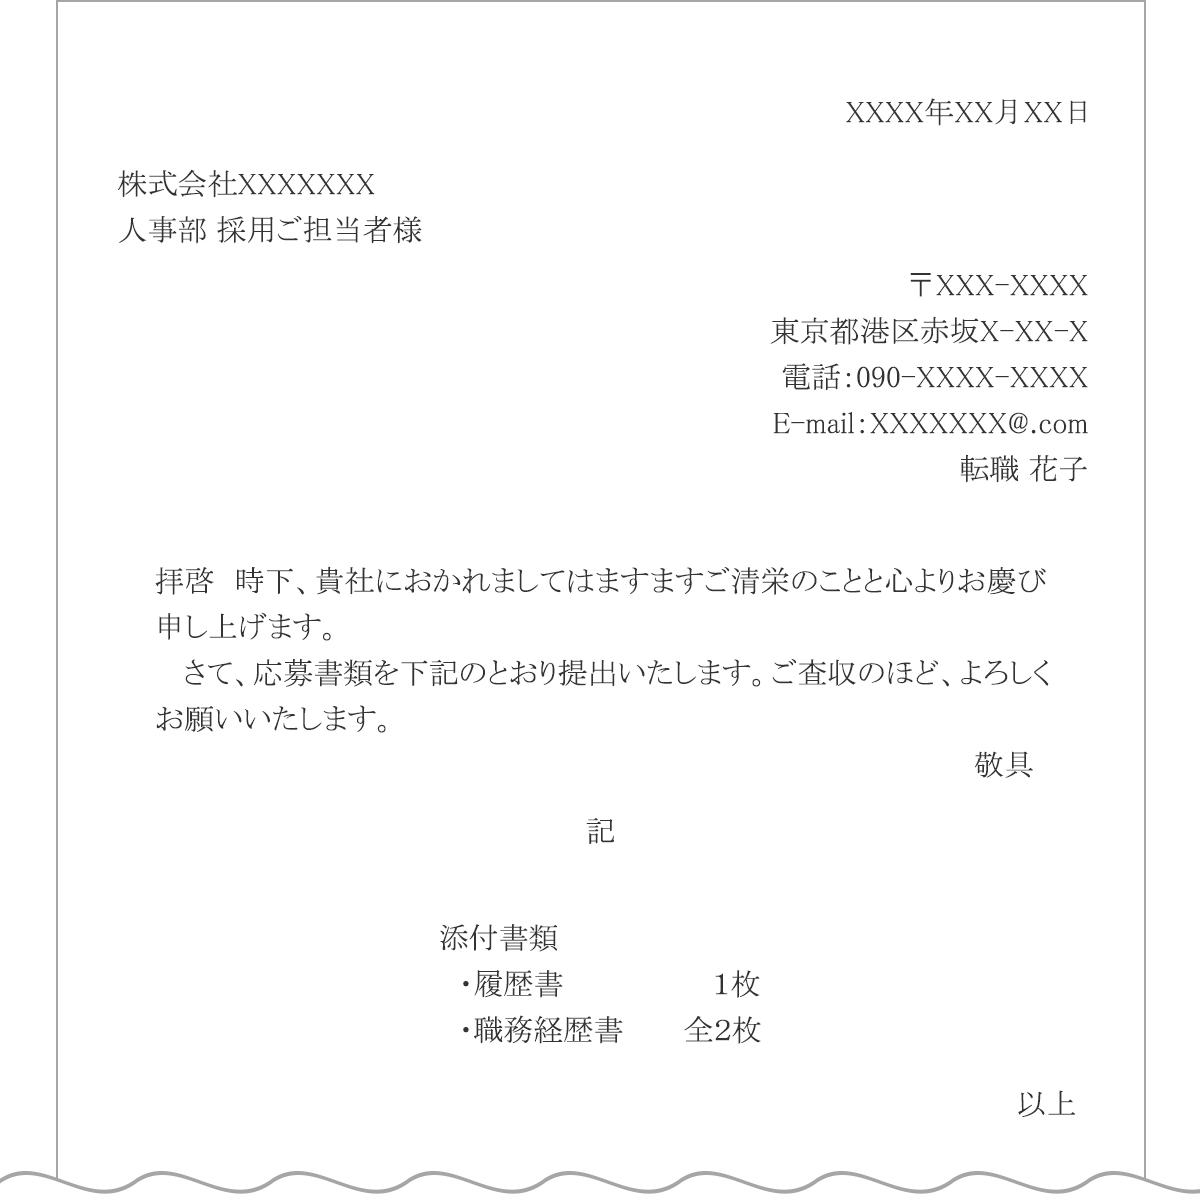 送付状の書き方見本